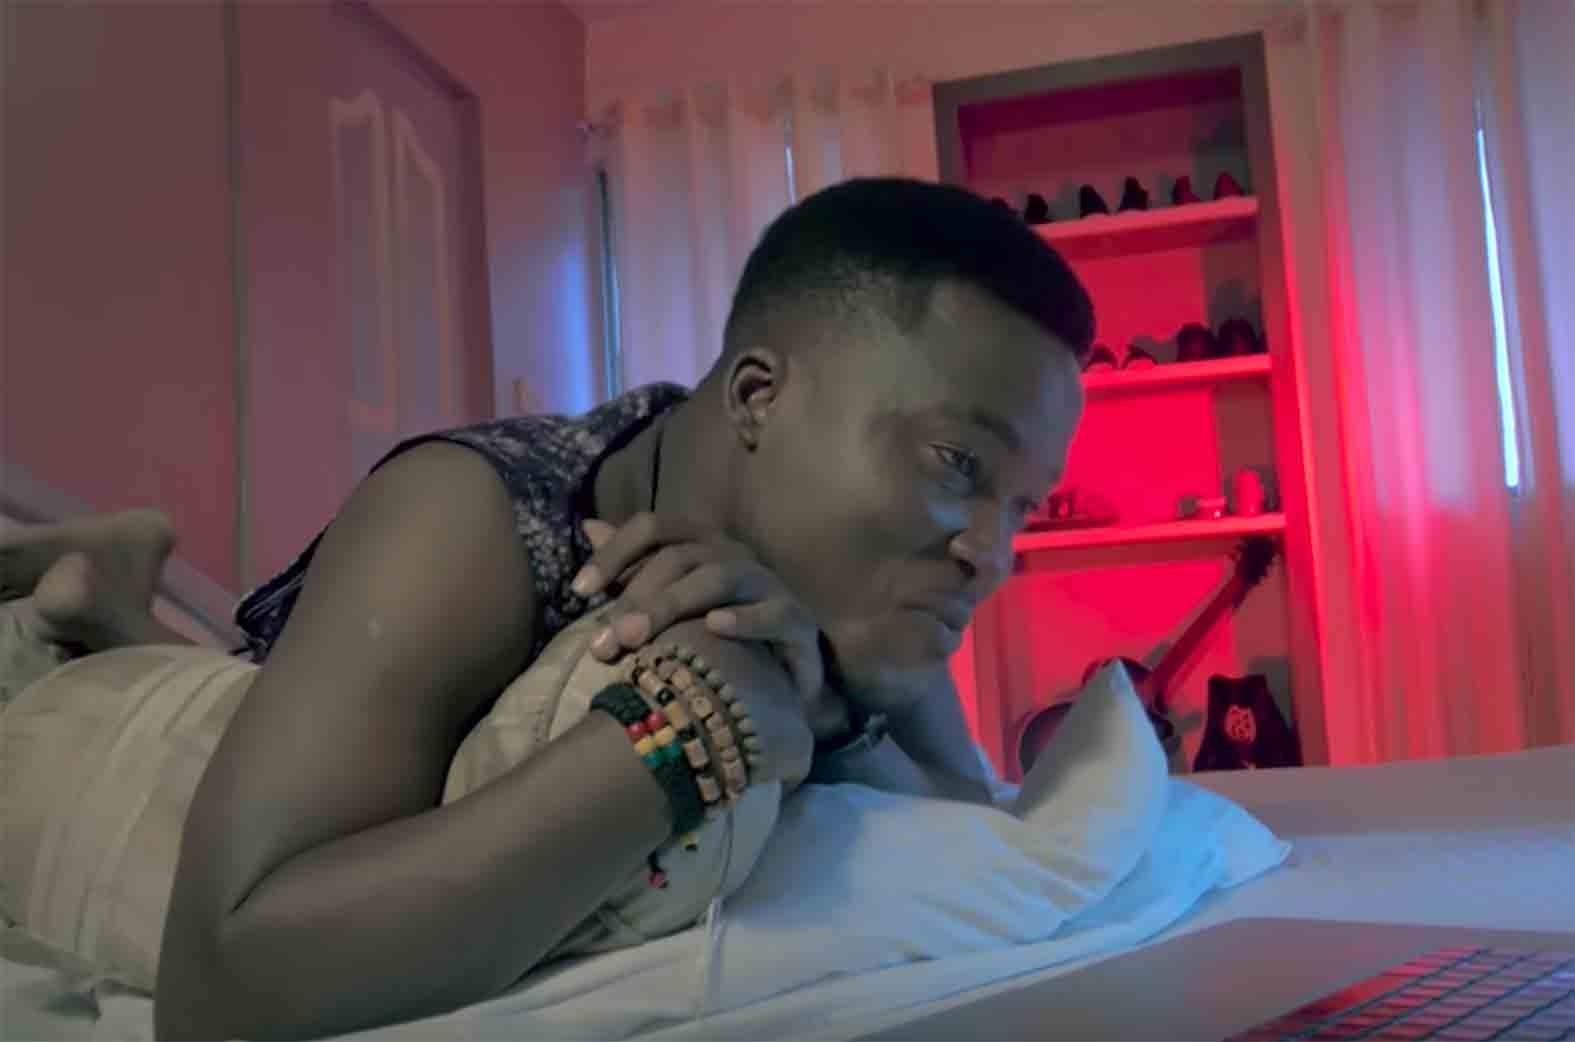 Chocho Mucho by Bless feat. Kofi Kinaata